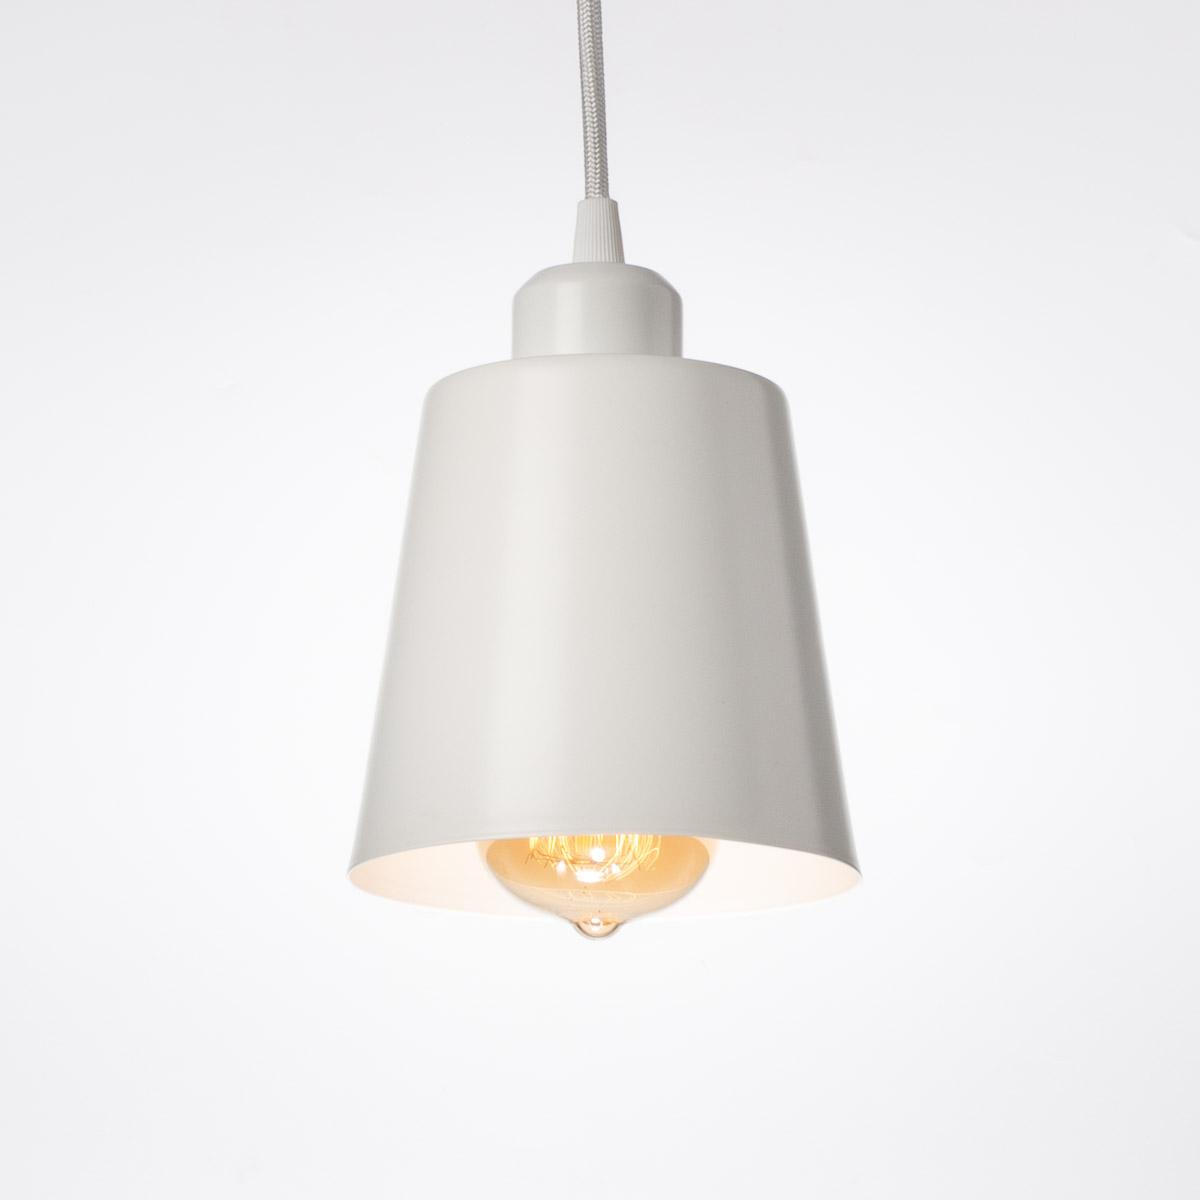 Потолочный светильник Ulla белый